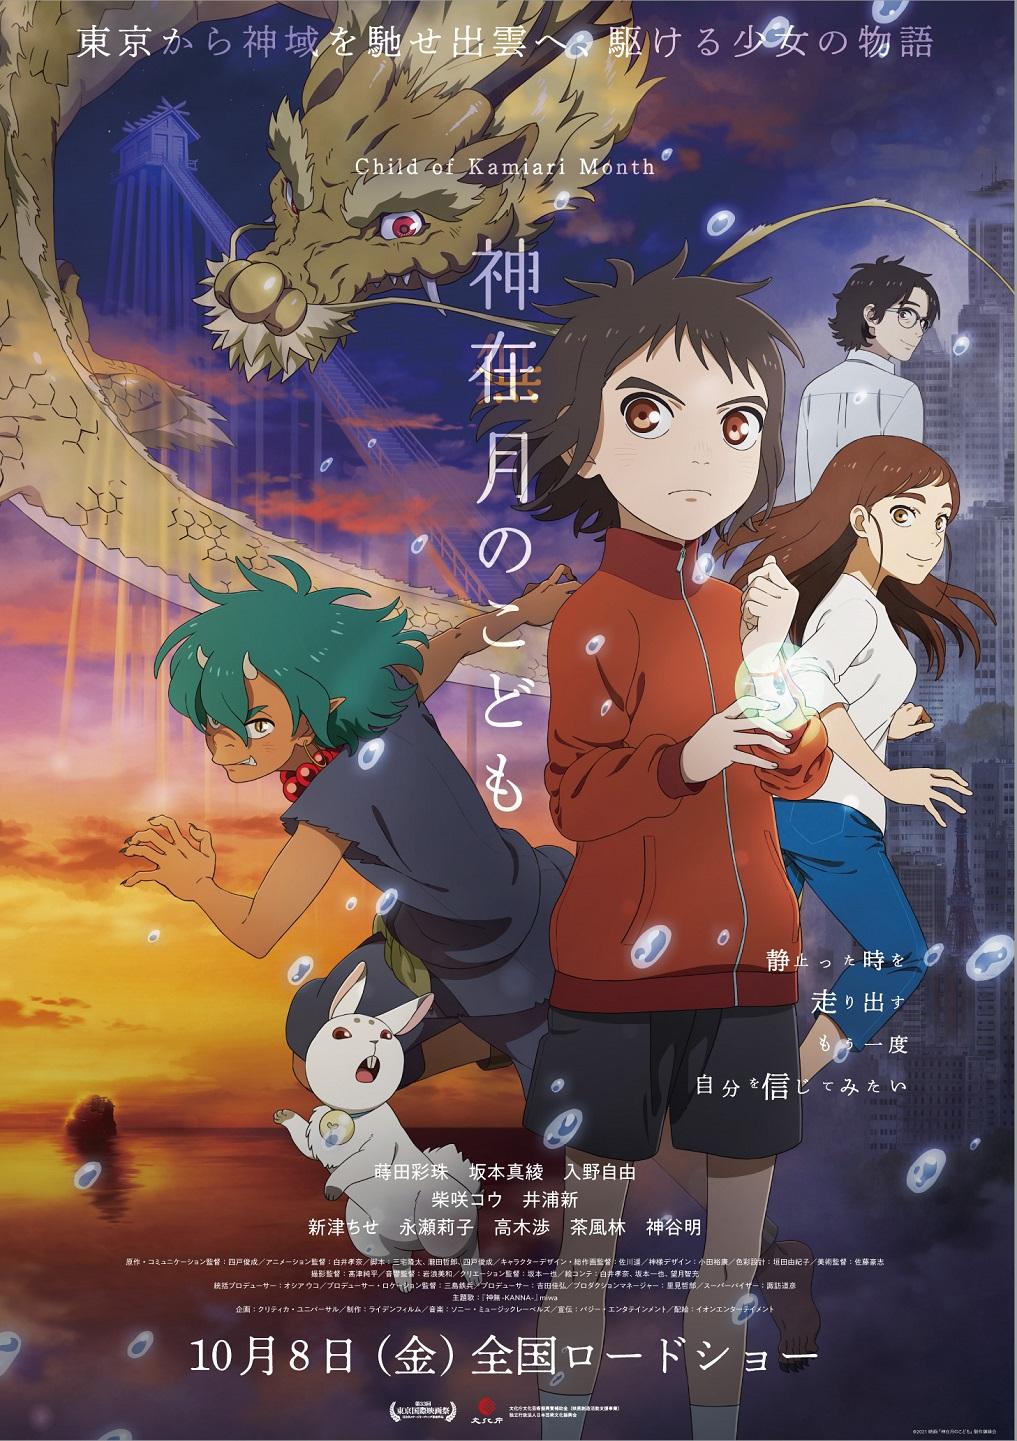 Les Enfants du mois de Kamiari Visuel 3